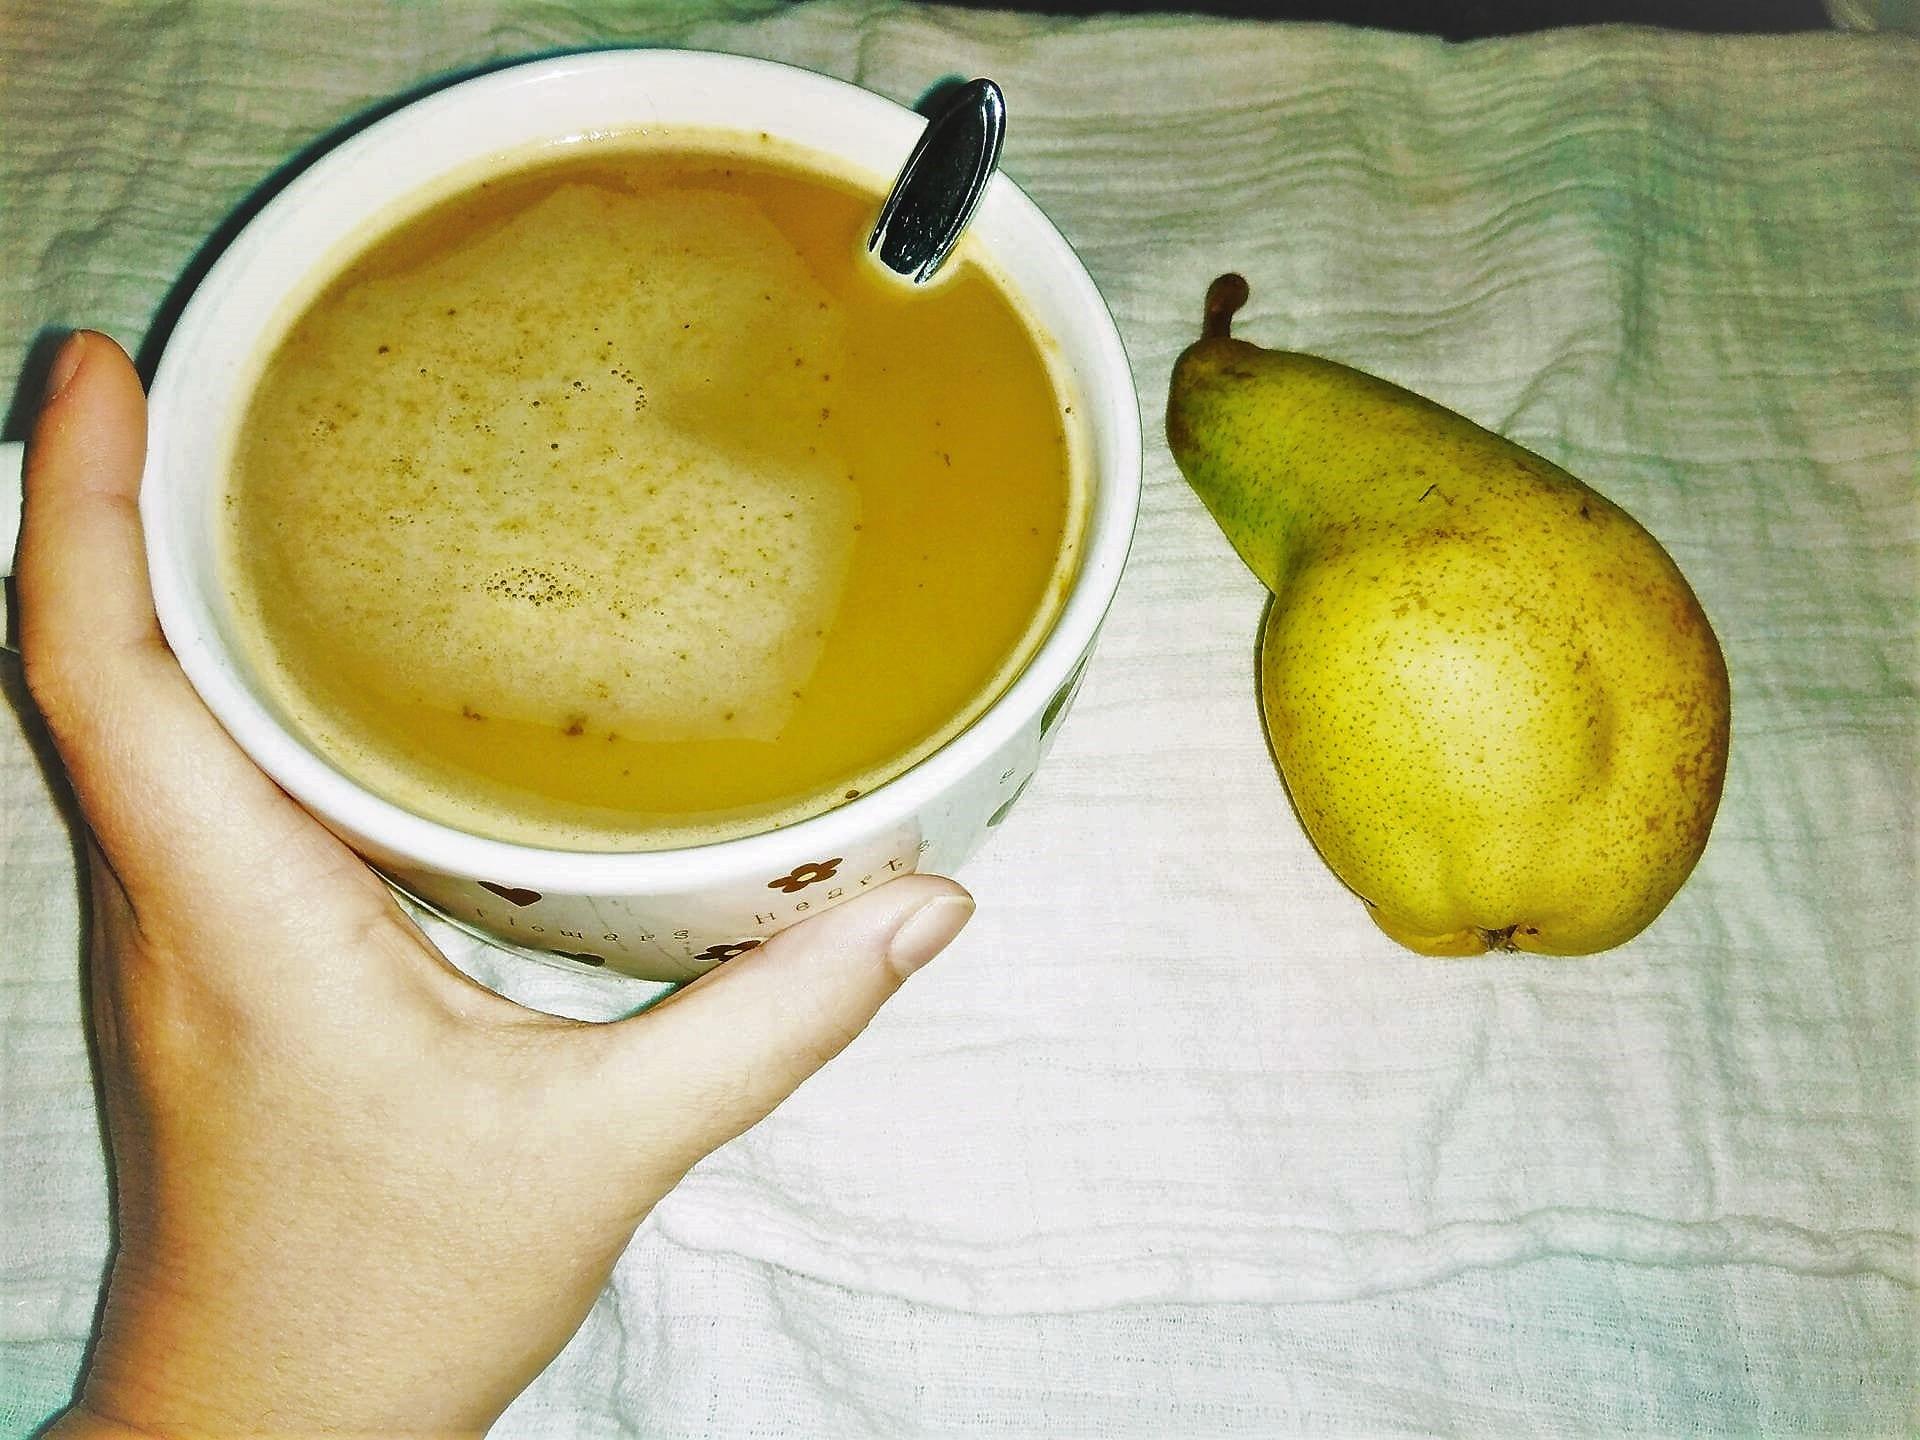 Der Lieblingsmoment von Julie von Puddingklecks für die Freitagslieblinge am 2.2.18 war der Kaffee, der warm getrunken wurde.